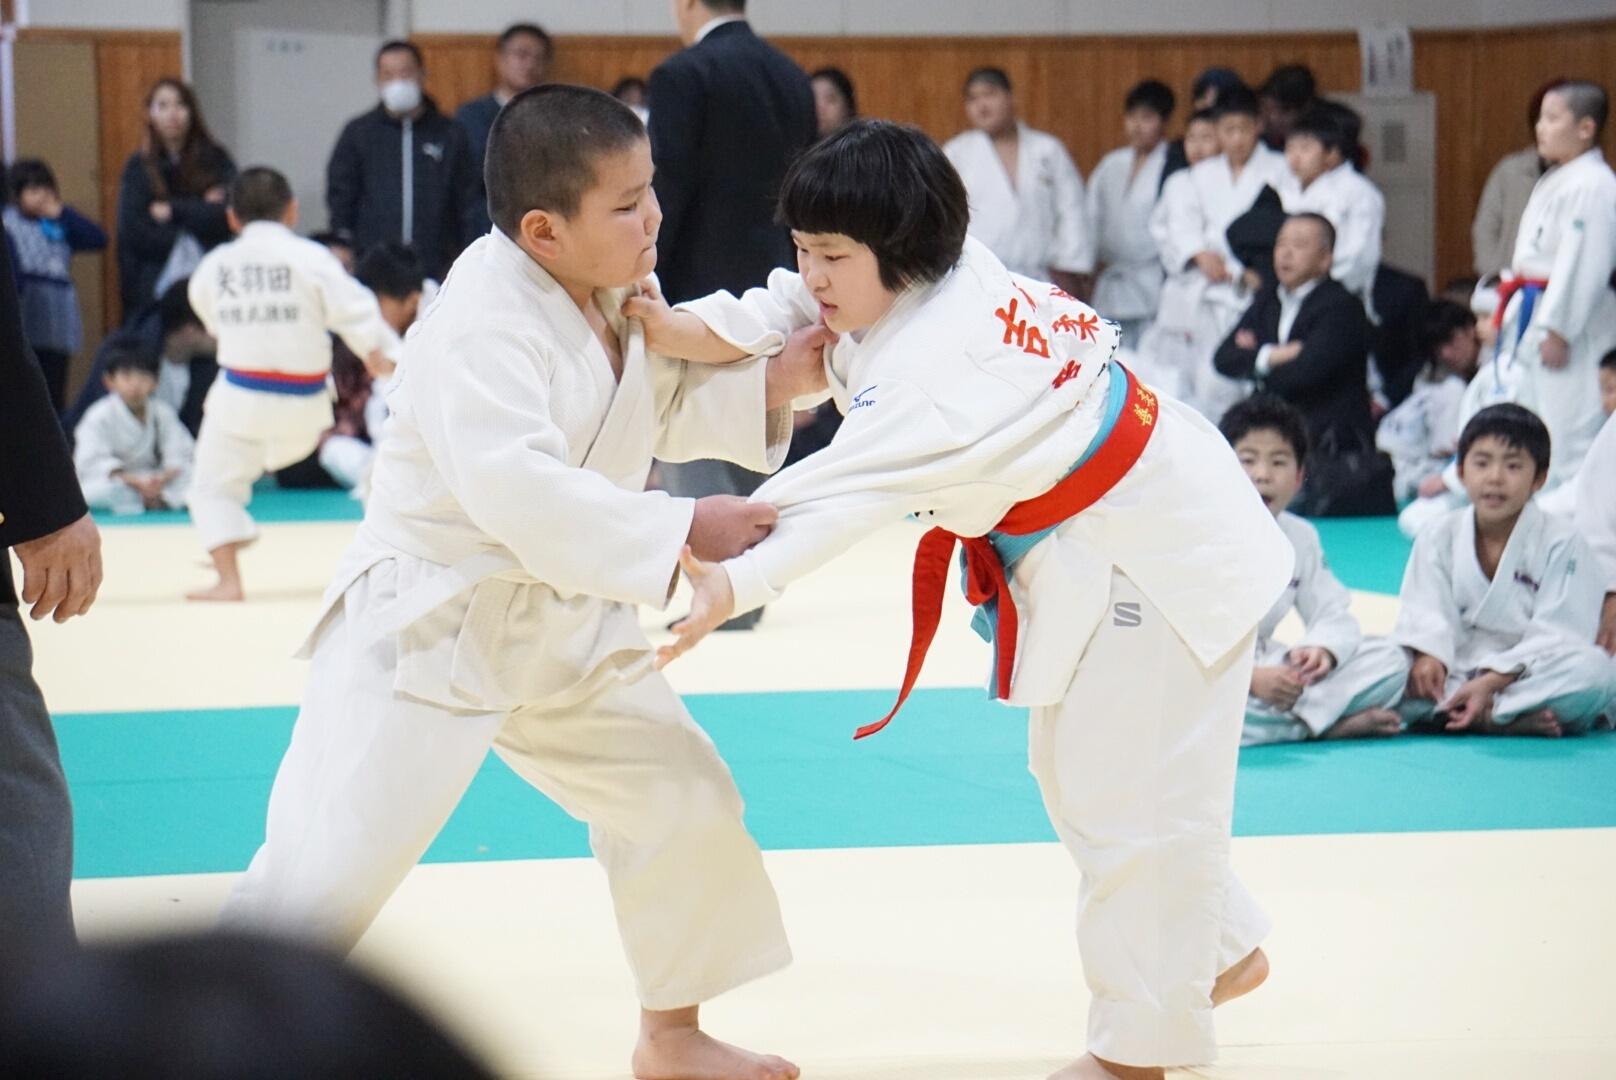 2020 柳ヶ浦少年柔道大会_b0172494_20490272.jpg